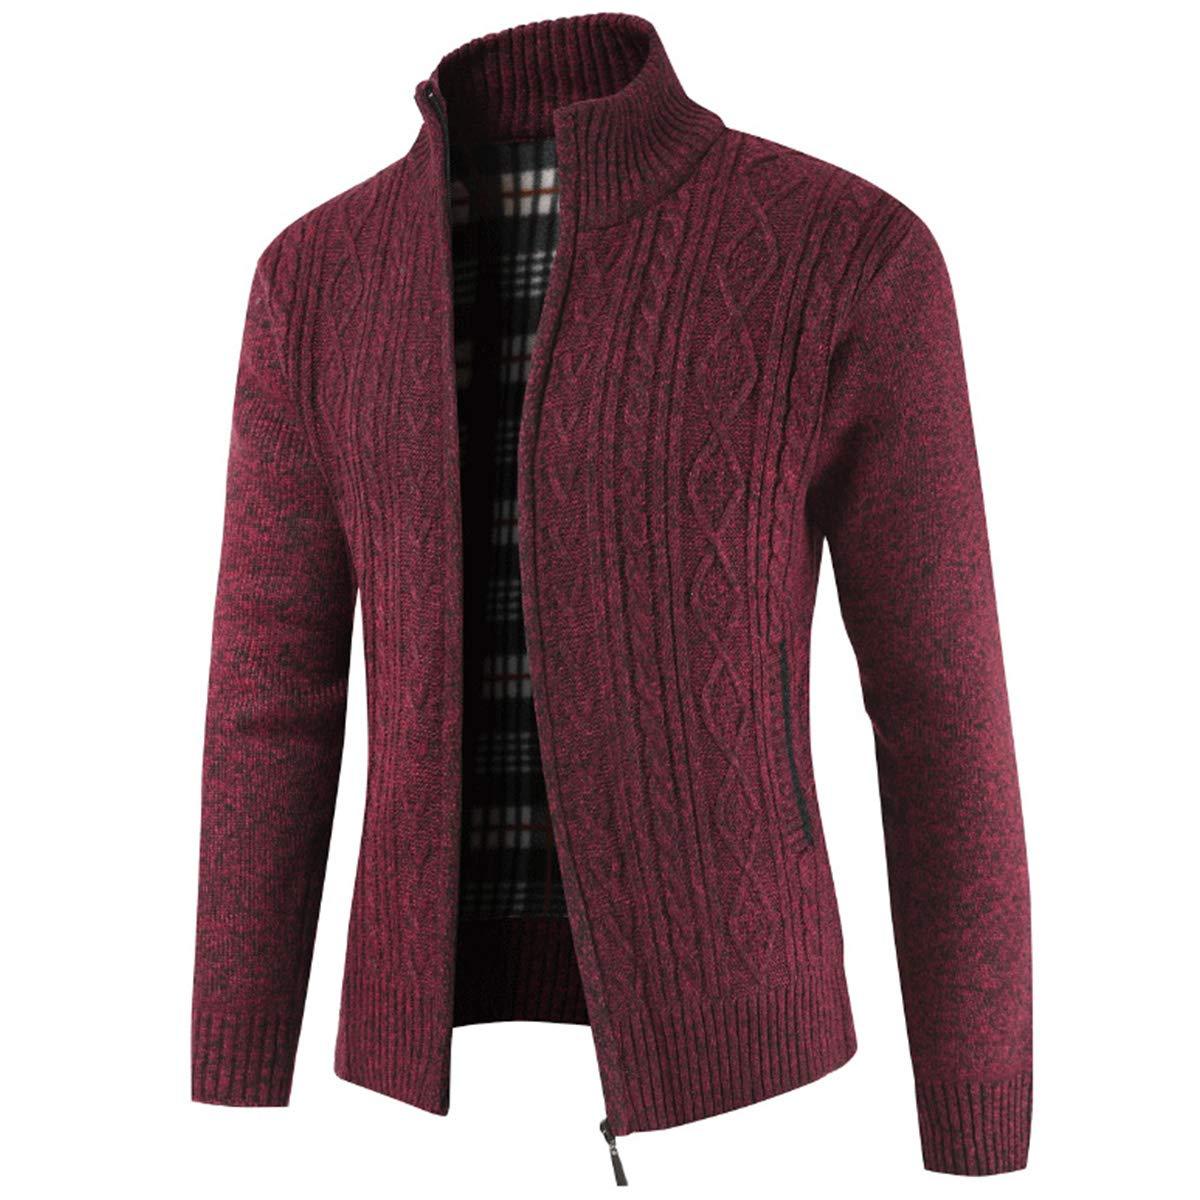 Sliktaa Gilet Veste Cardigan Maille Homme Tricoté en Grosse Col Droit Coton XS-XXL en 4 Couleurs Vêtements